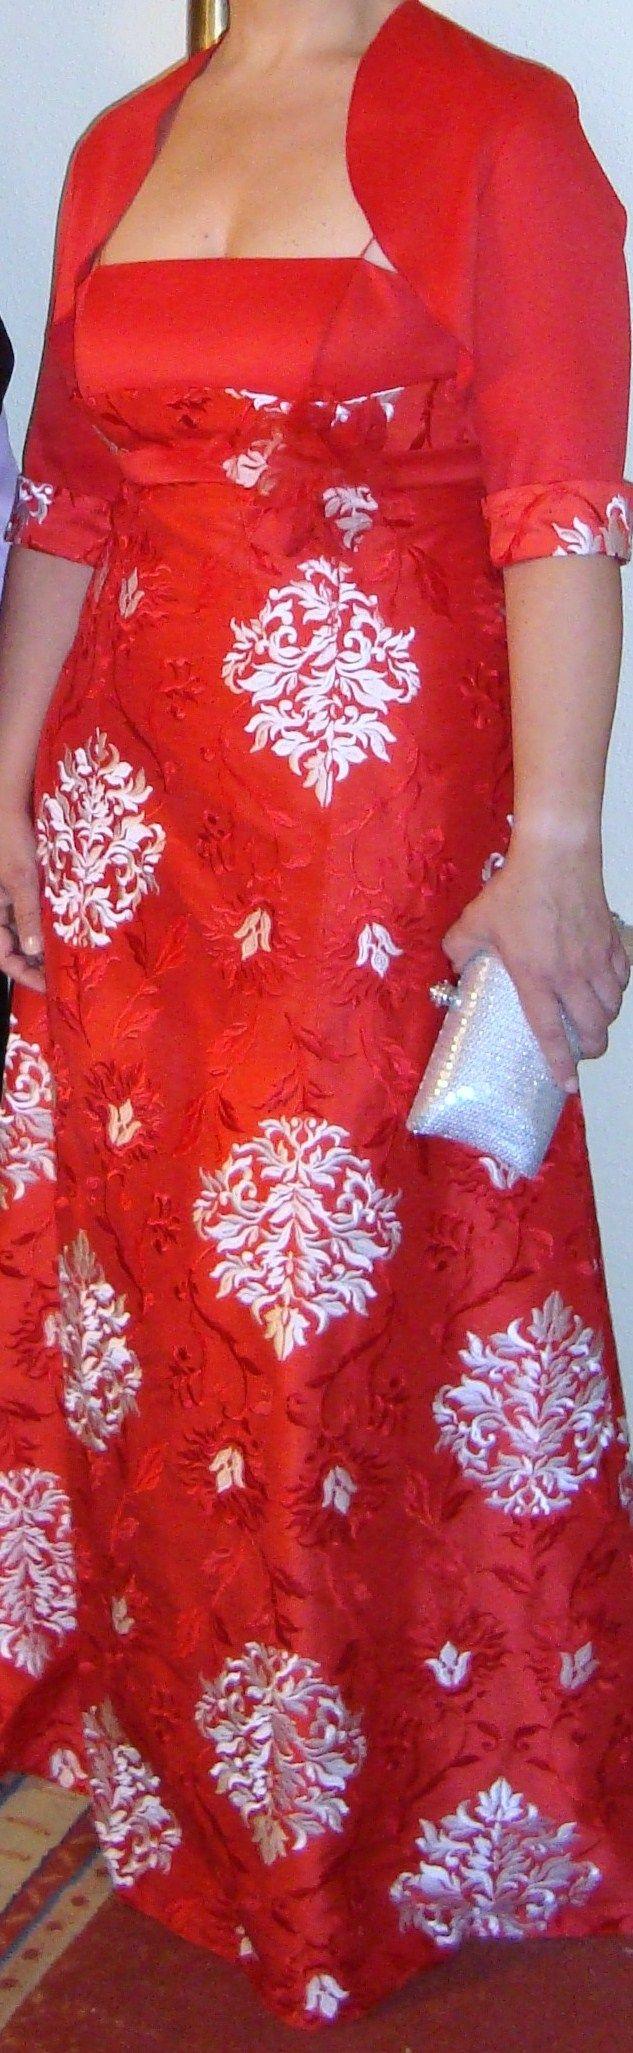 ¡Nuevo vestido publicado!  SANTIAGO SANCHEZ - T44 ¡por sólo 150€! ¡Ahorra un 67%!   http://www.weddalia.com/es/tienda-vender-vestido-novia/santiago-sanchez-t44/ #VestidosDeNovia vía www.weddalia.com/es